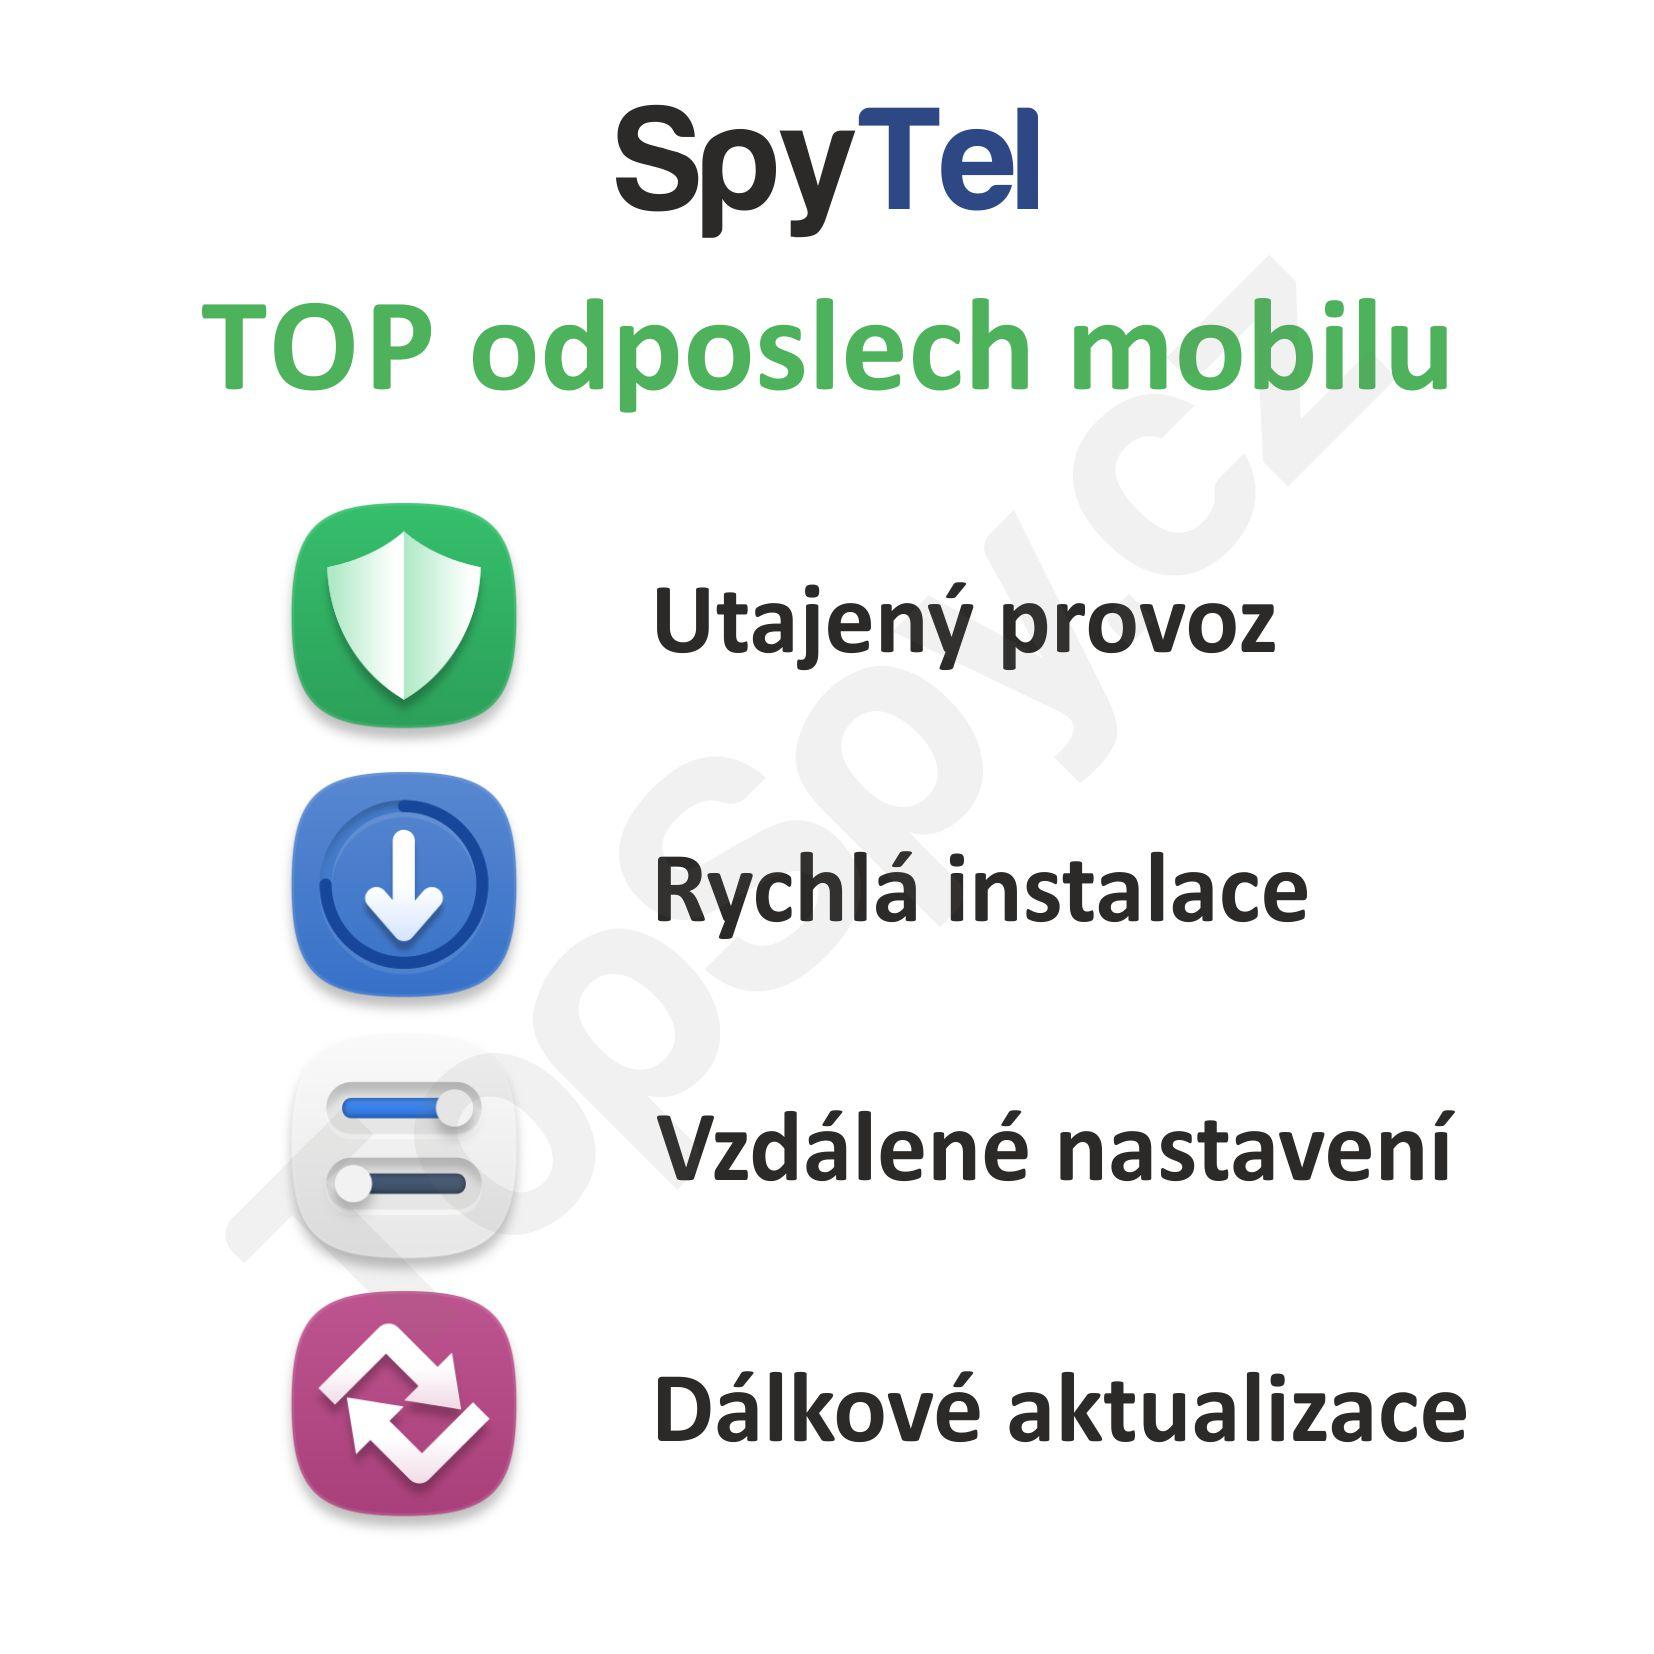 Profesionální odposlech mobilního telefonu SpyTel